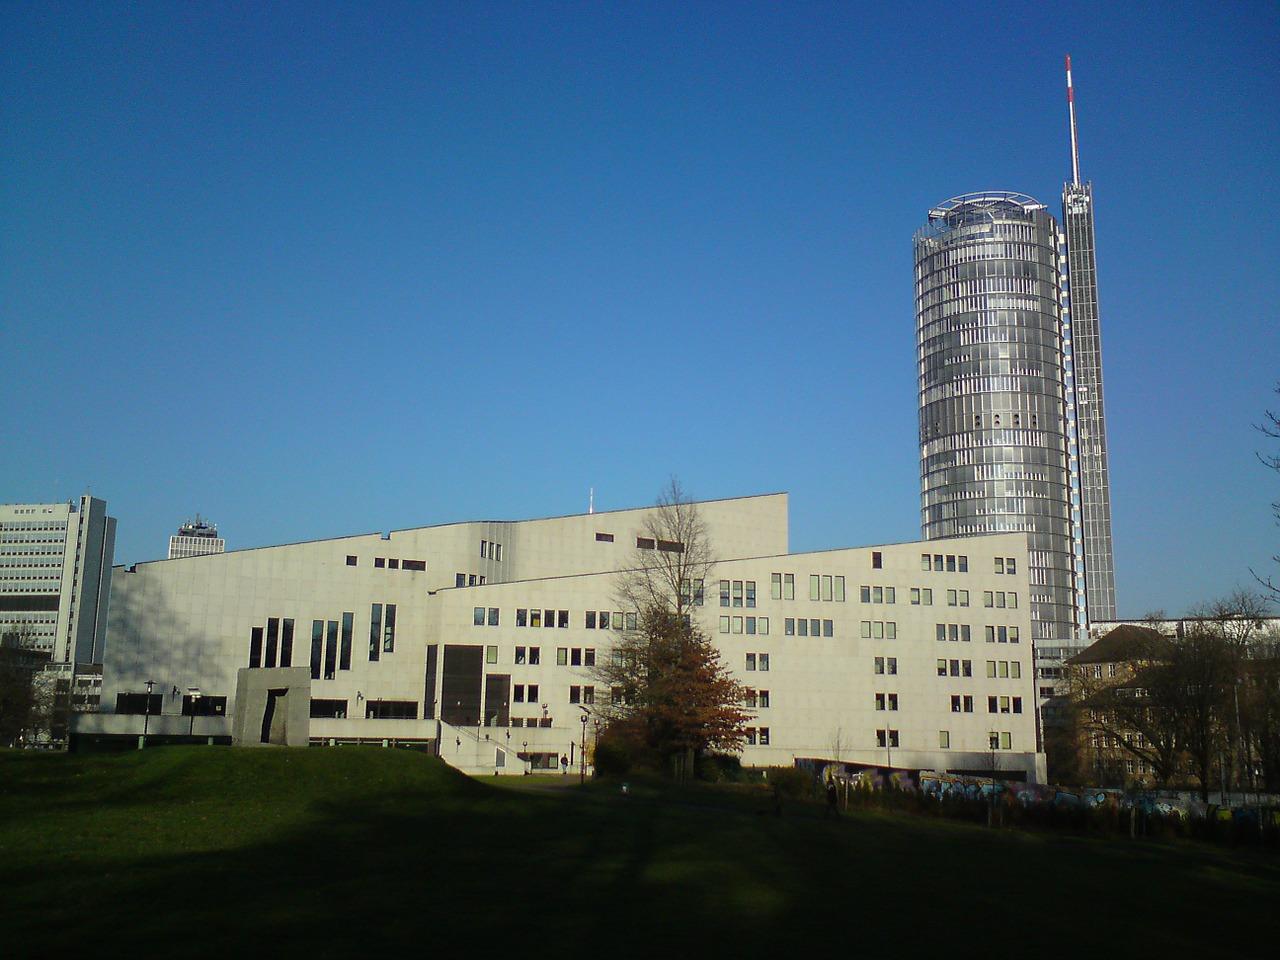 Aalto Theater in Essen